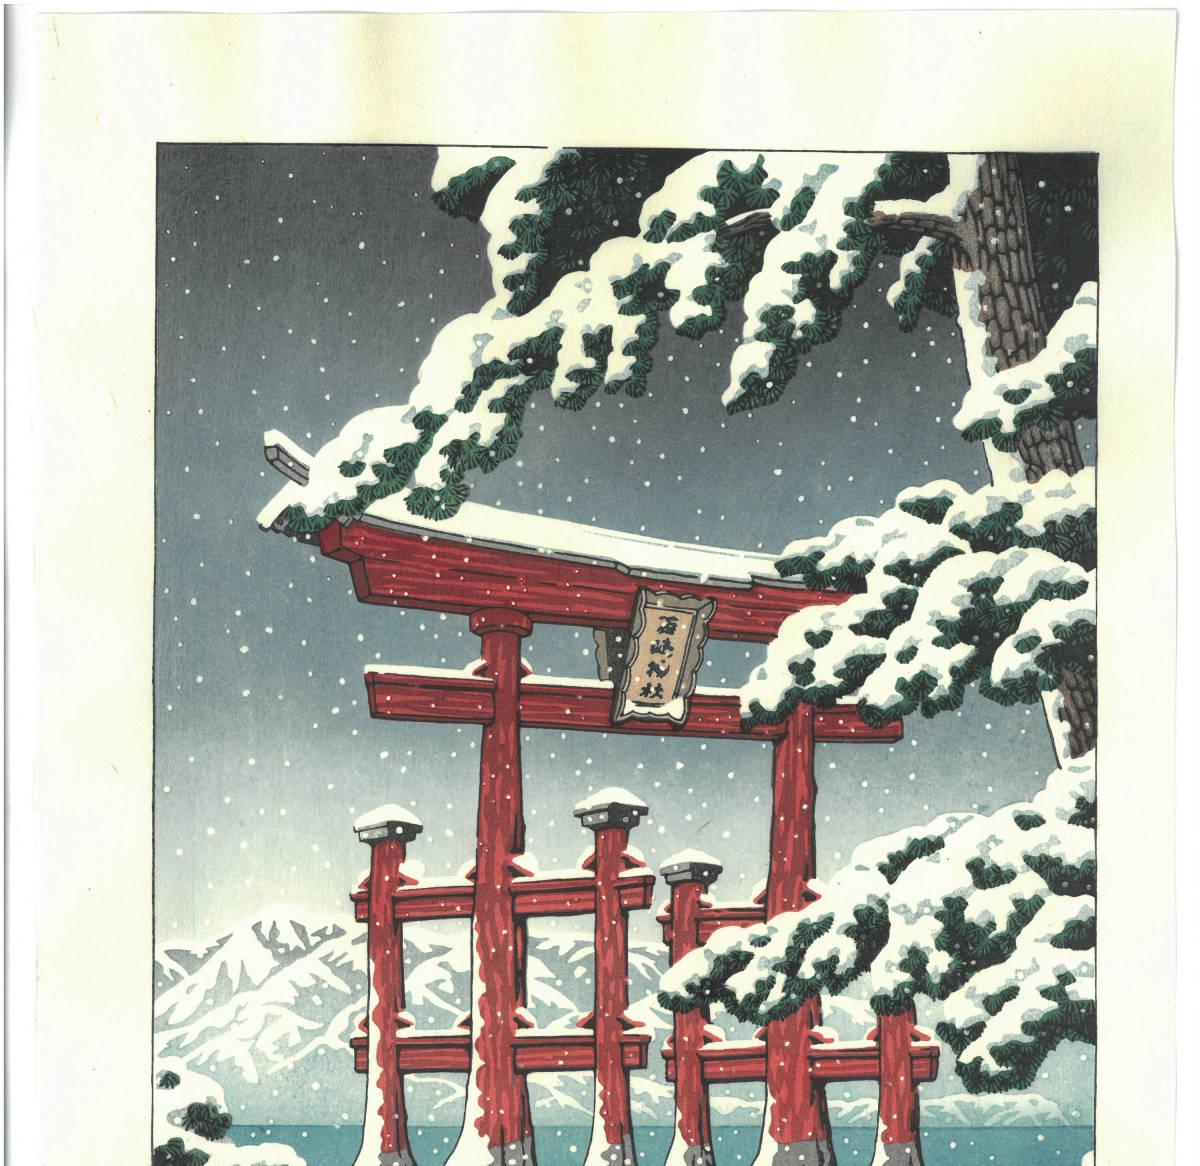 川瀬巴水 木版画 HKS-2  雪の宮島 初版 1929年 昭和4年 (新版画) 最高峰の摺師による貴重な巴水木版画を堪能下さい!!_画像3